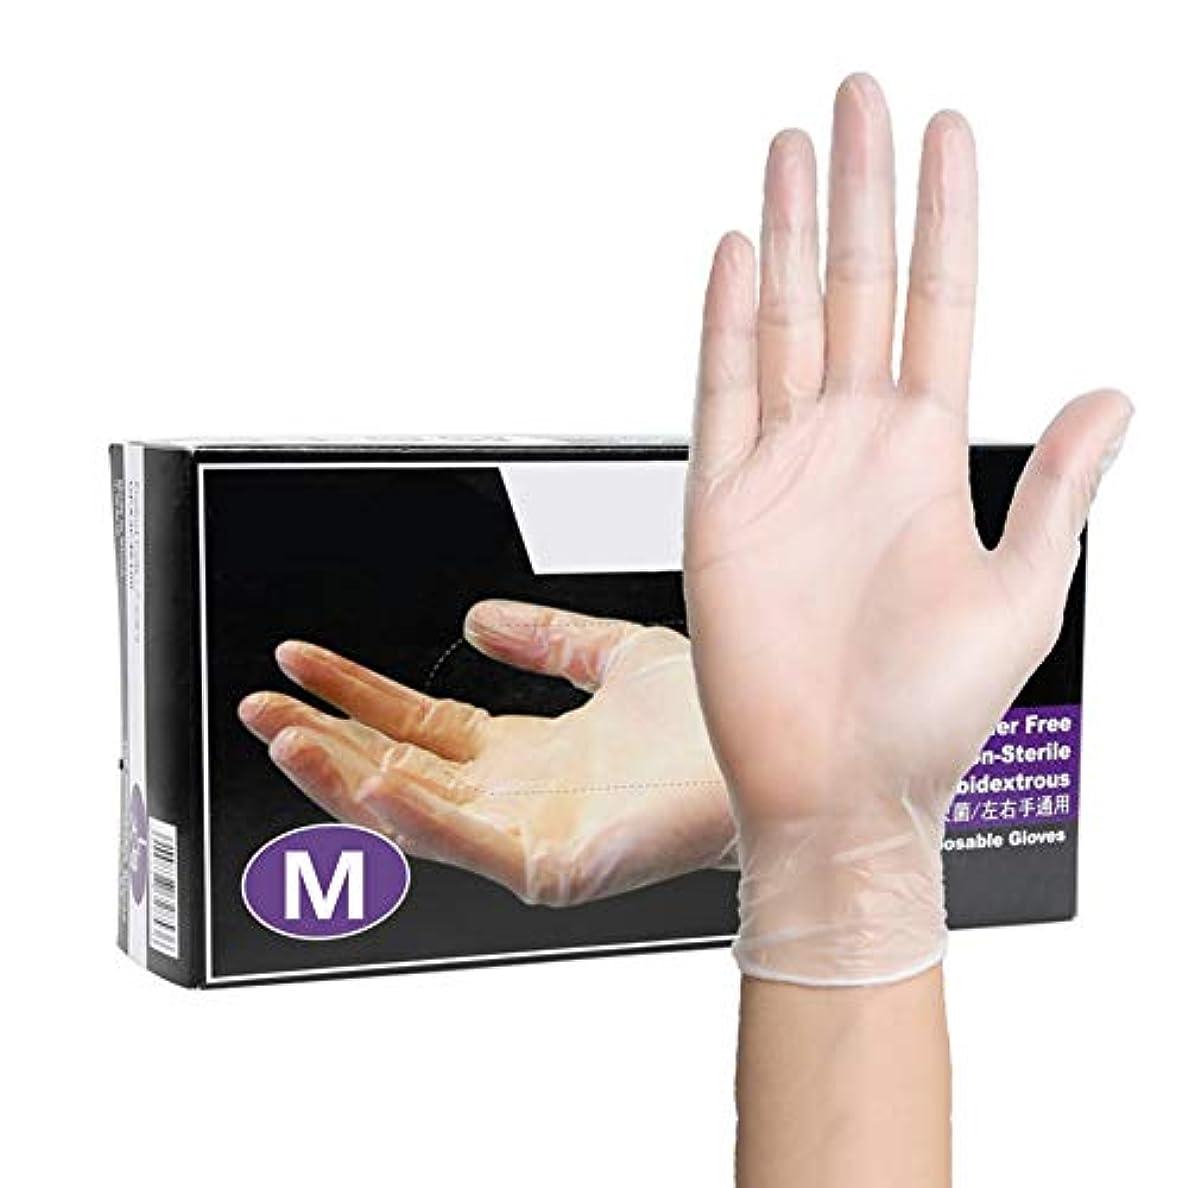 すごいアスリート作り使い捨て トランスペアレント ビニール 手袋、 パウダーフリー、ラテックスフリー、にとって 家庭用クリーニ ング 美容タトゥー 作業 グローブ、(100 Pcs /1 Box),M